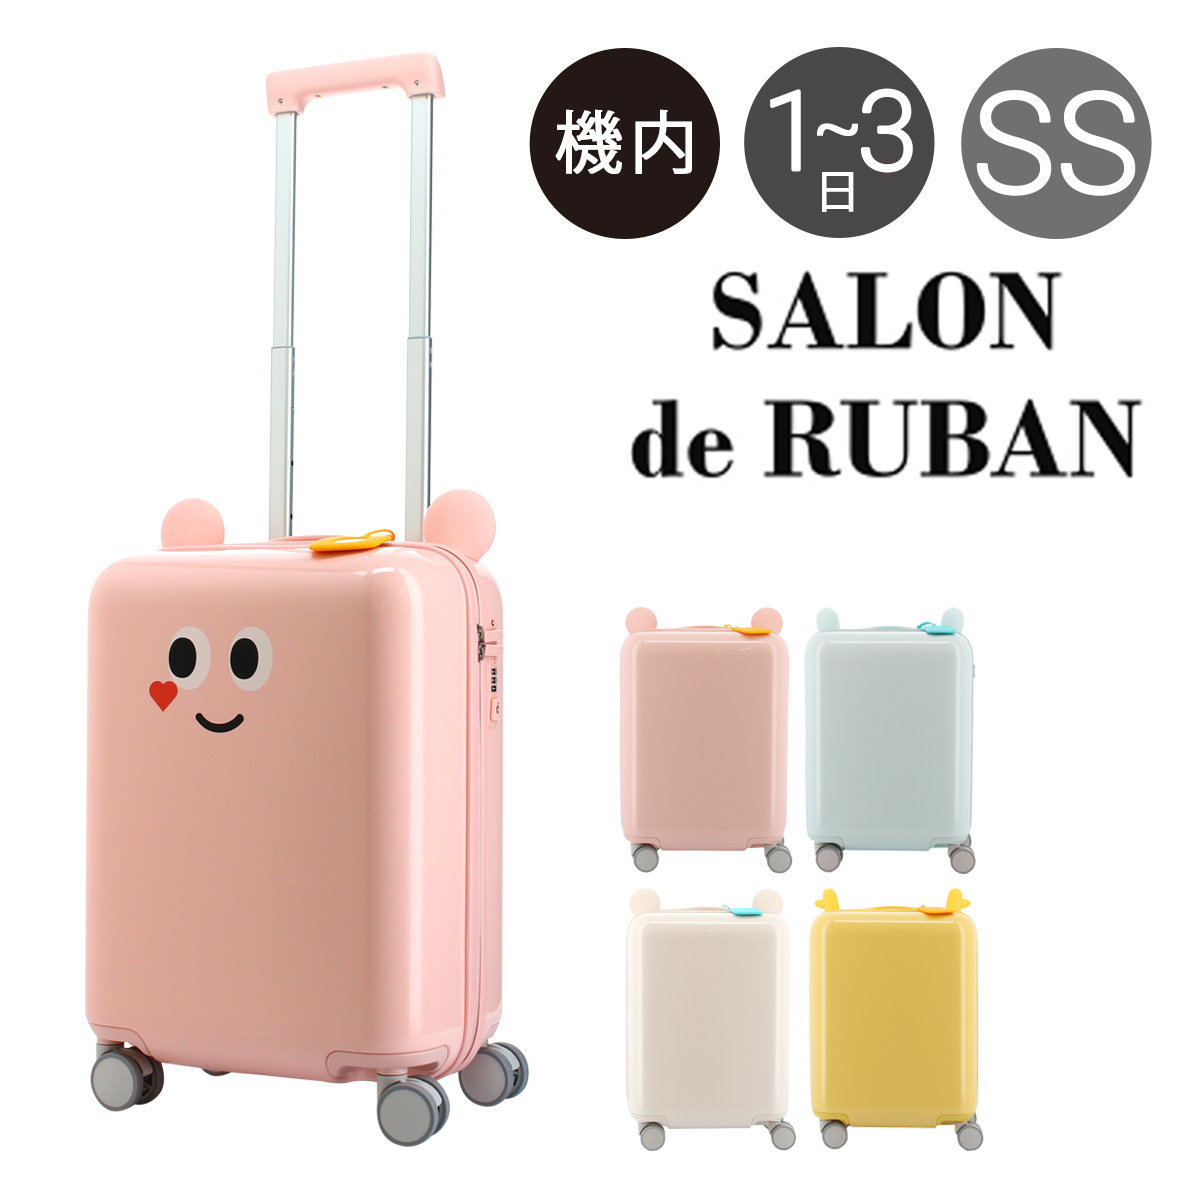 サロンドゥリュバン スーツケース 54.5cm 2.6kg レディースSRA-306 SALONdeRUBAN | ハード ファスナー | キャリーケース キャリーバッグ TSAロック搭載 かわいい [PO5][bef][即日発送]